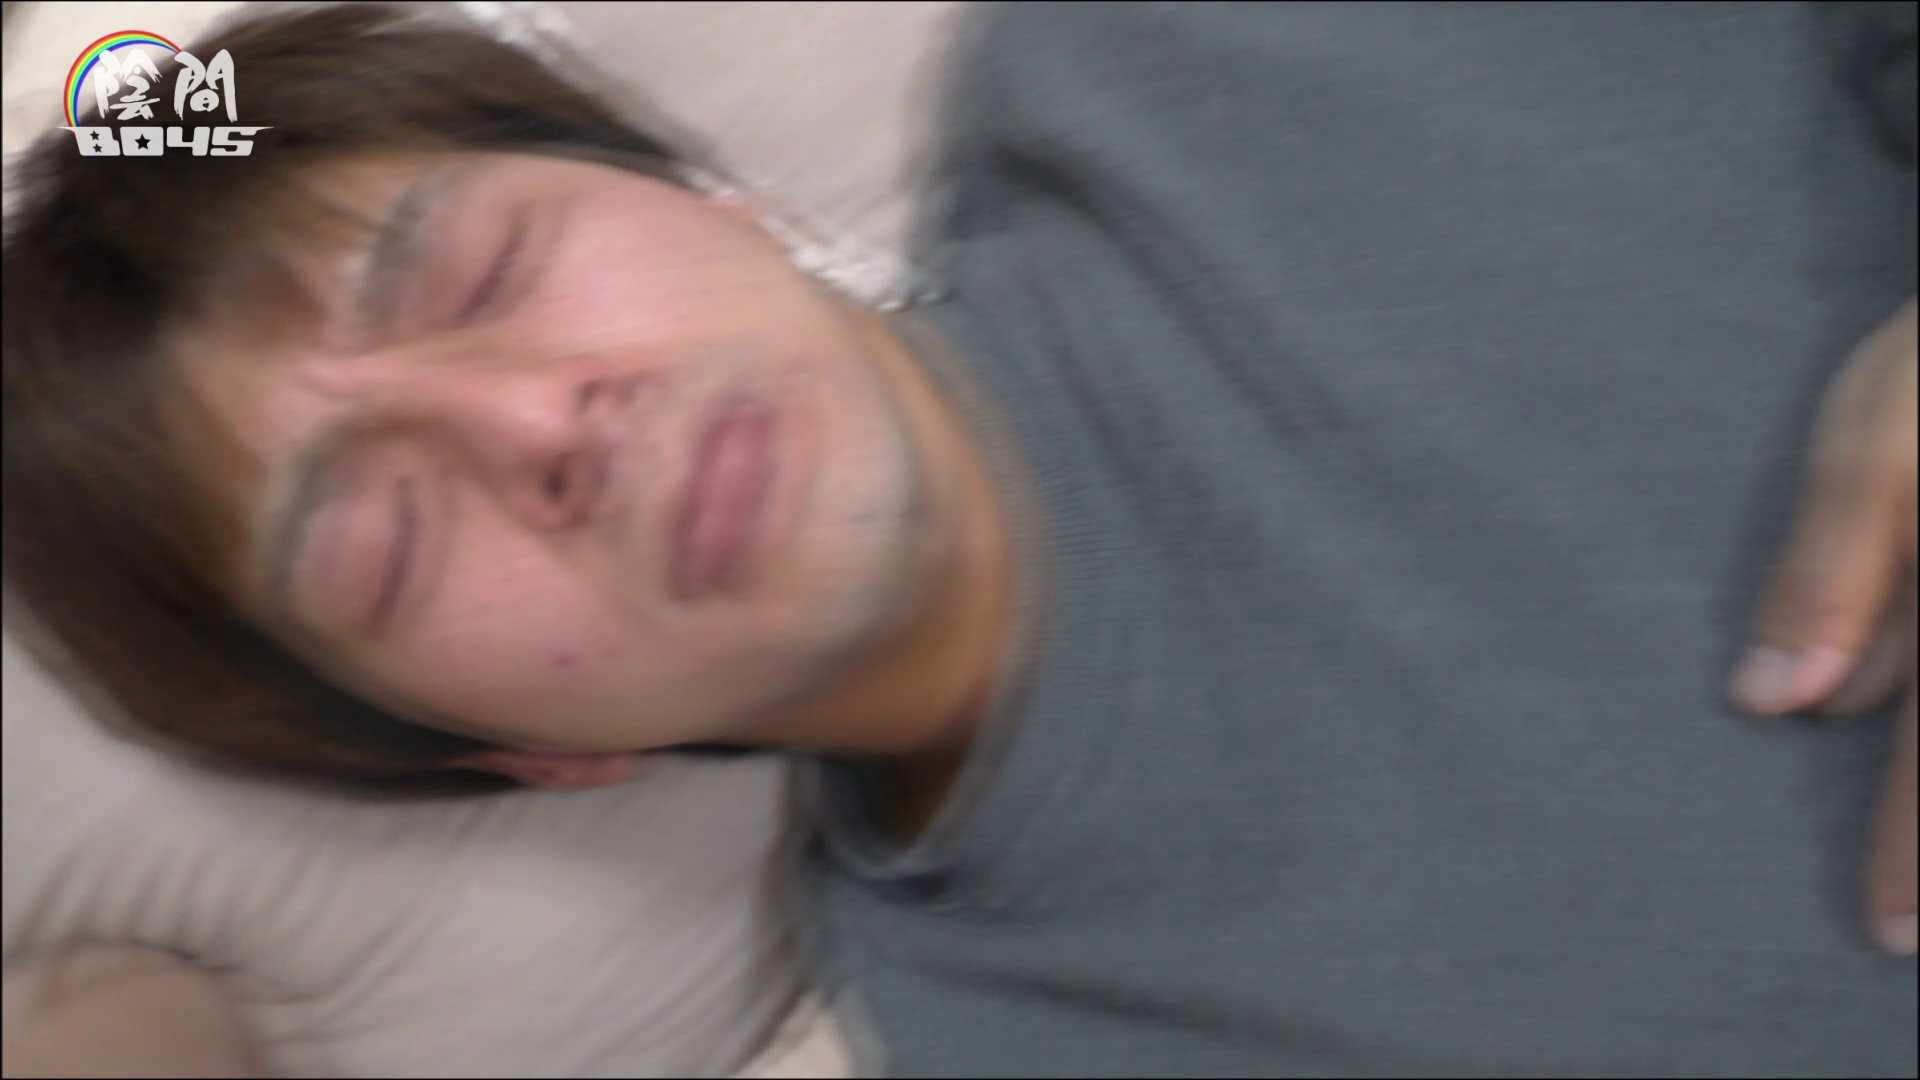 アナルは決して眠らない No.05 アナル舐めて | ハメ撮り特集 ゲイ肛門画像 87枚 24